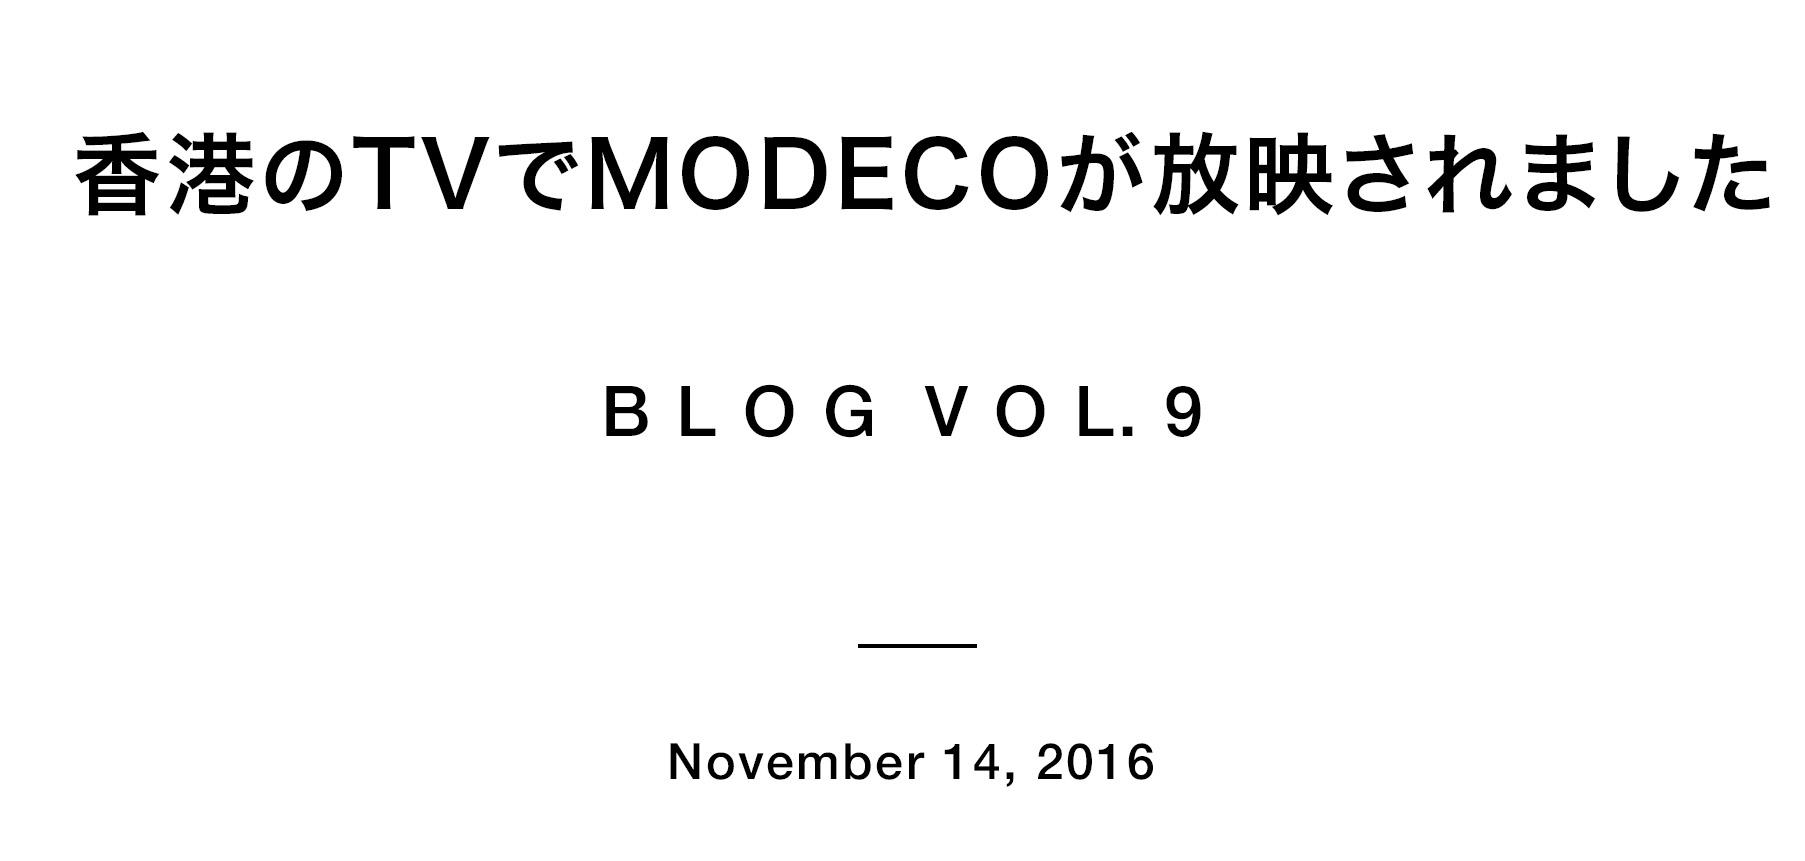 blog-vol-9